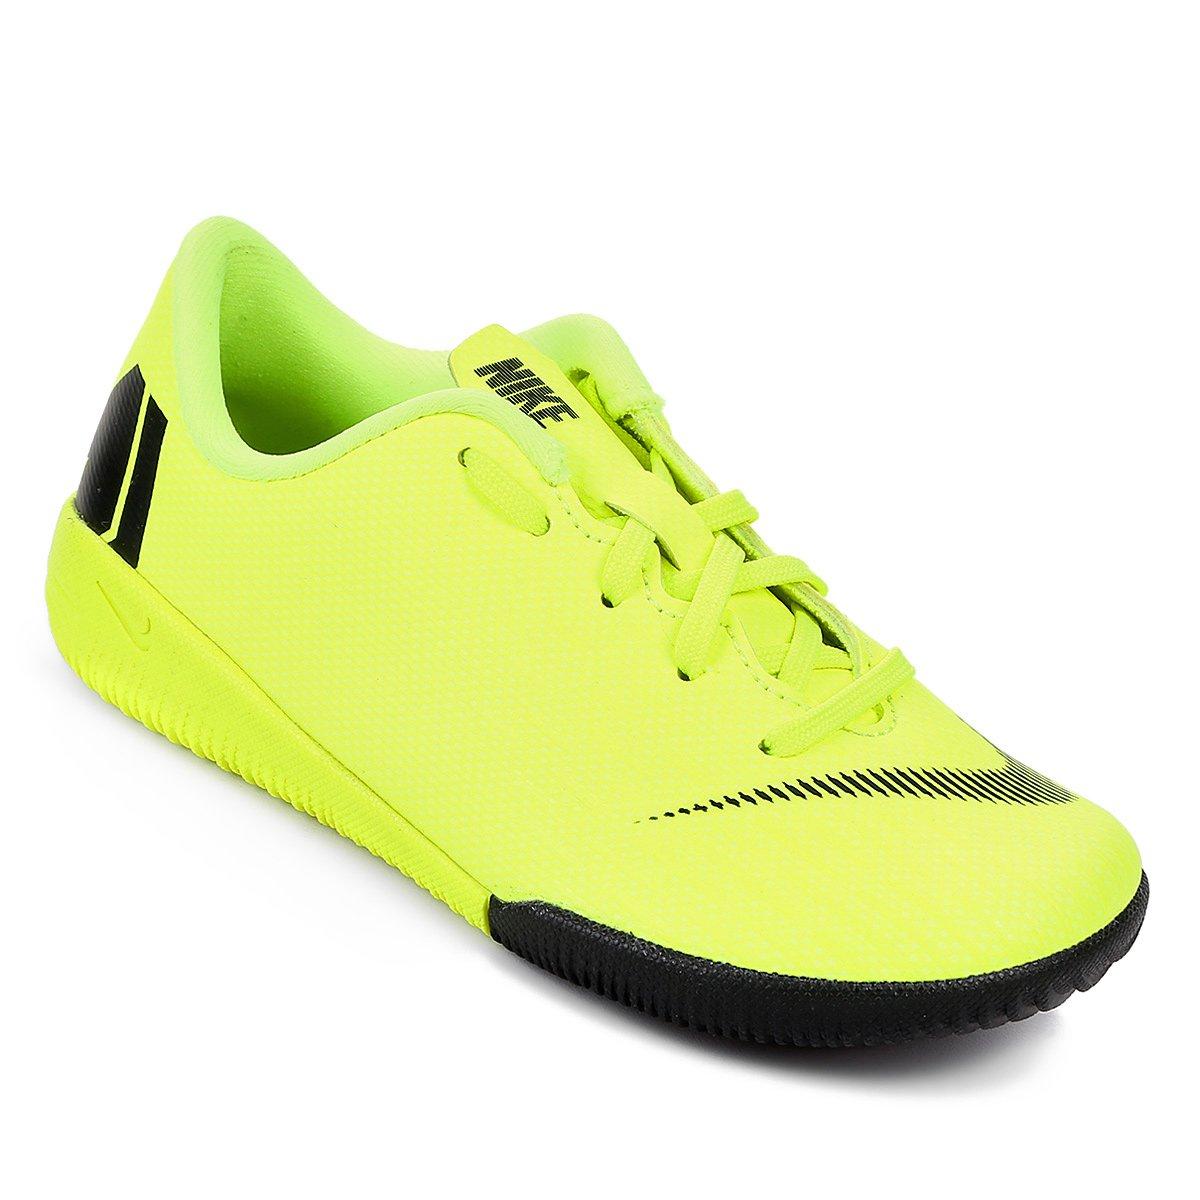 be0f6a9c15963 Chuteira Futsal Infantil Nike Mercurial Vapor 12 Academy - Amarelo e Preto  | Shop Timão